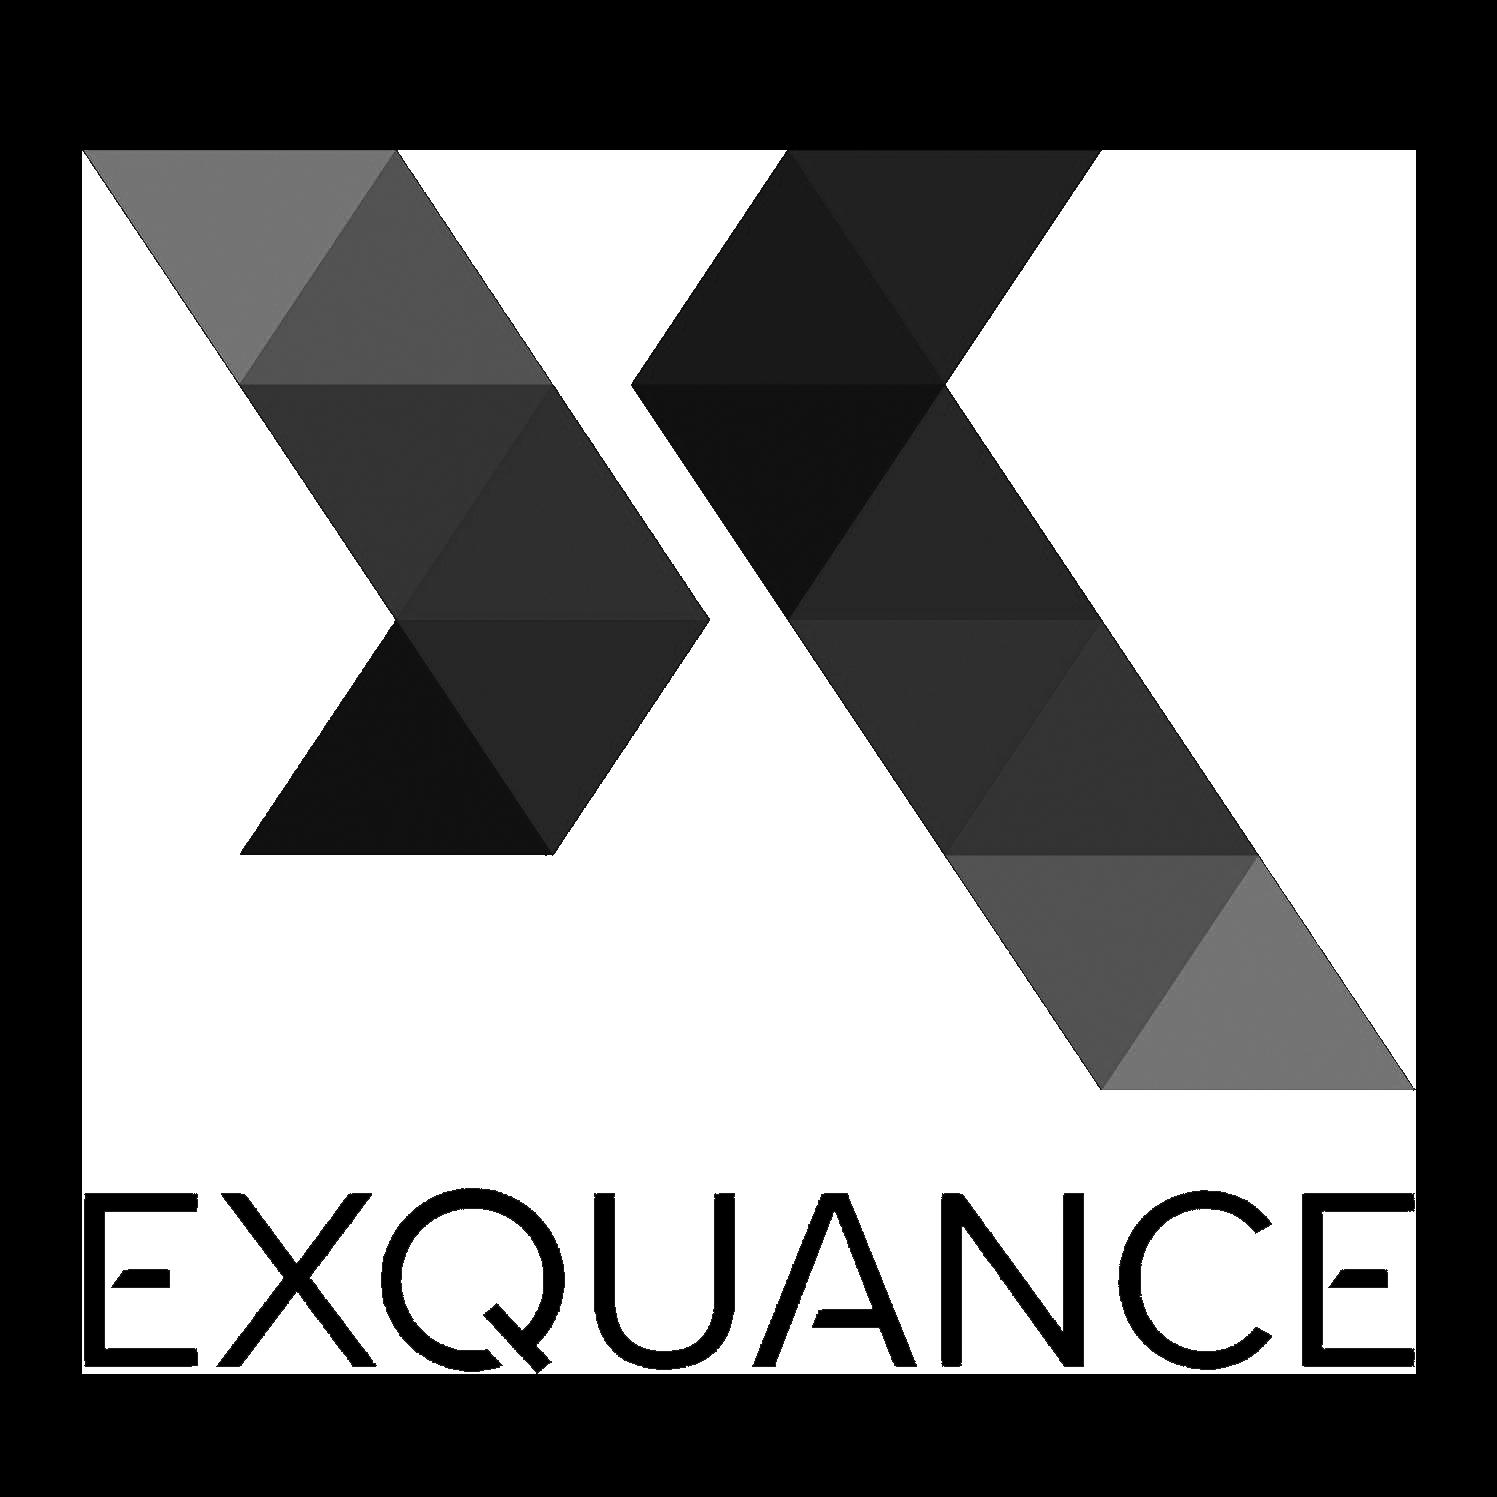 Exquance